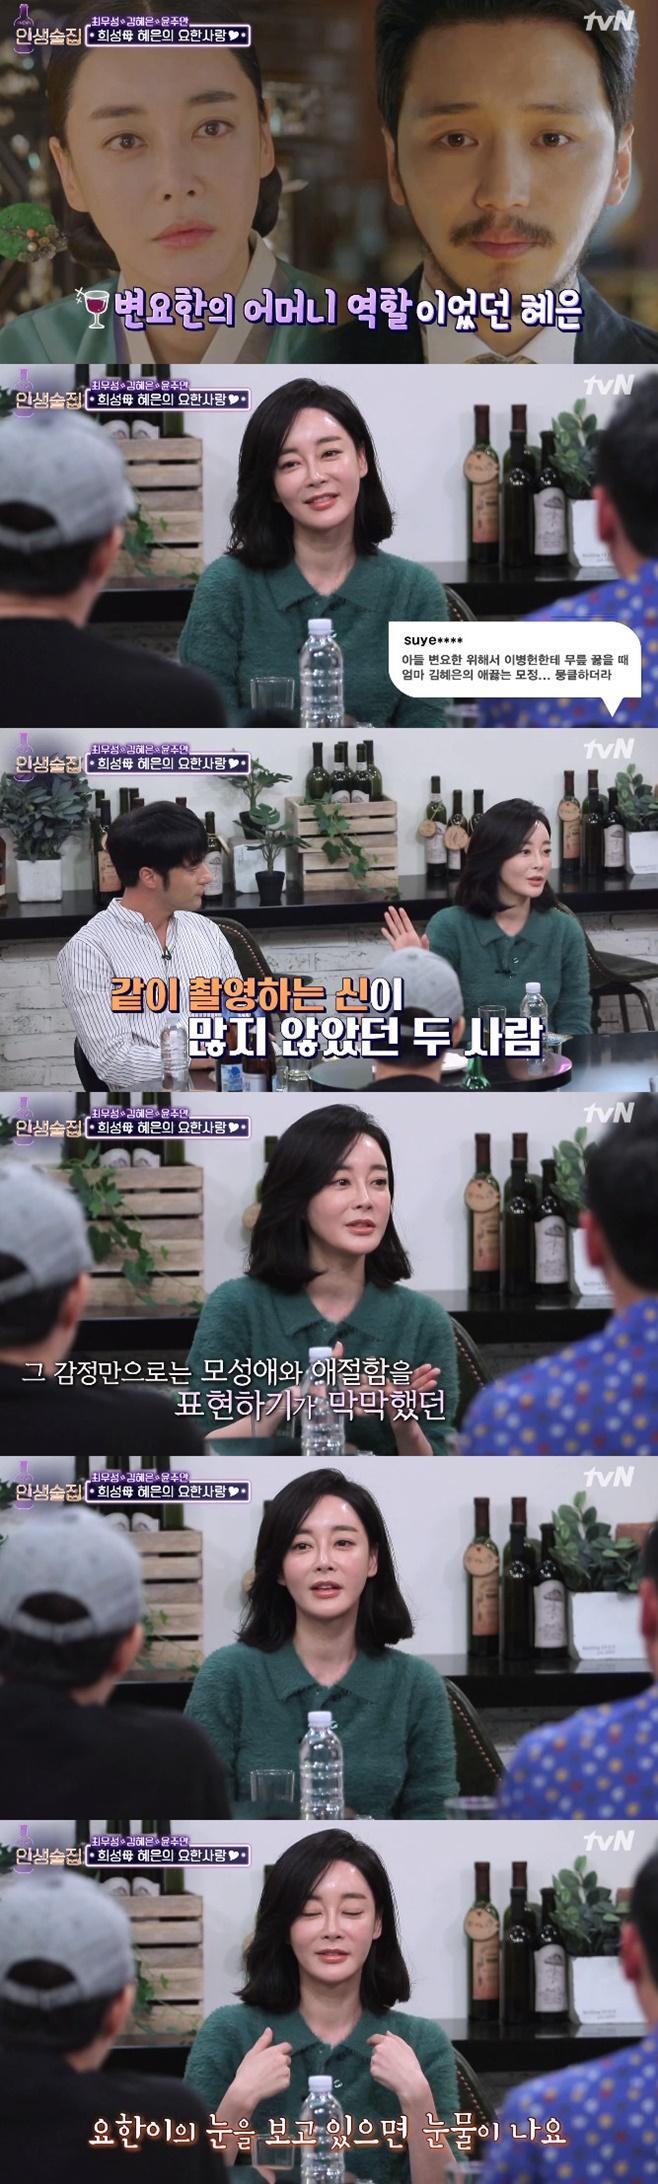 인생술집에서 후배 배우 변요한에 대해 언급하는 김혜은